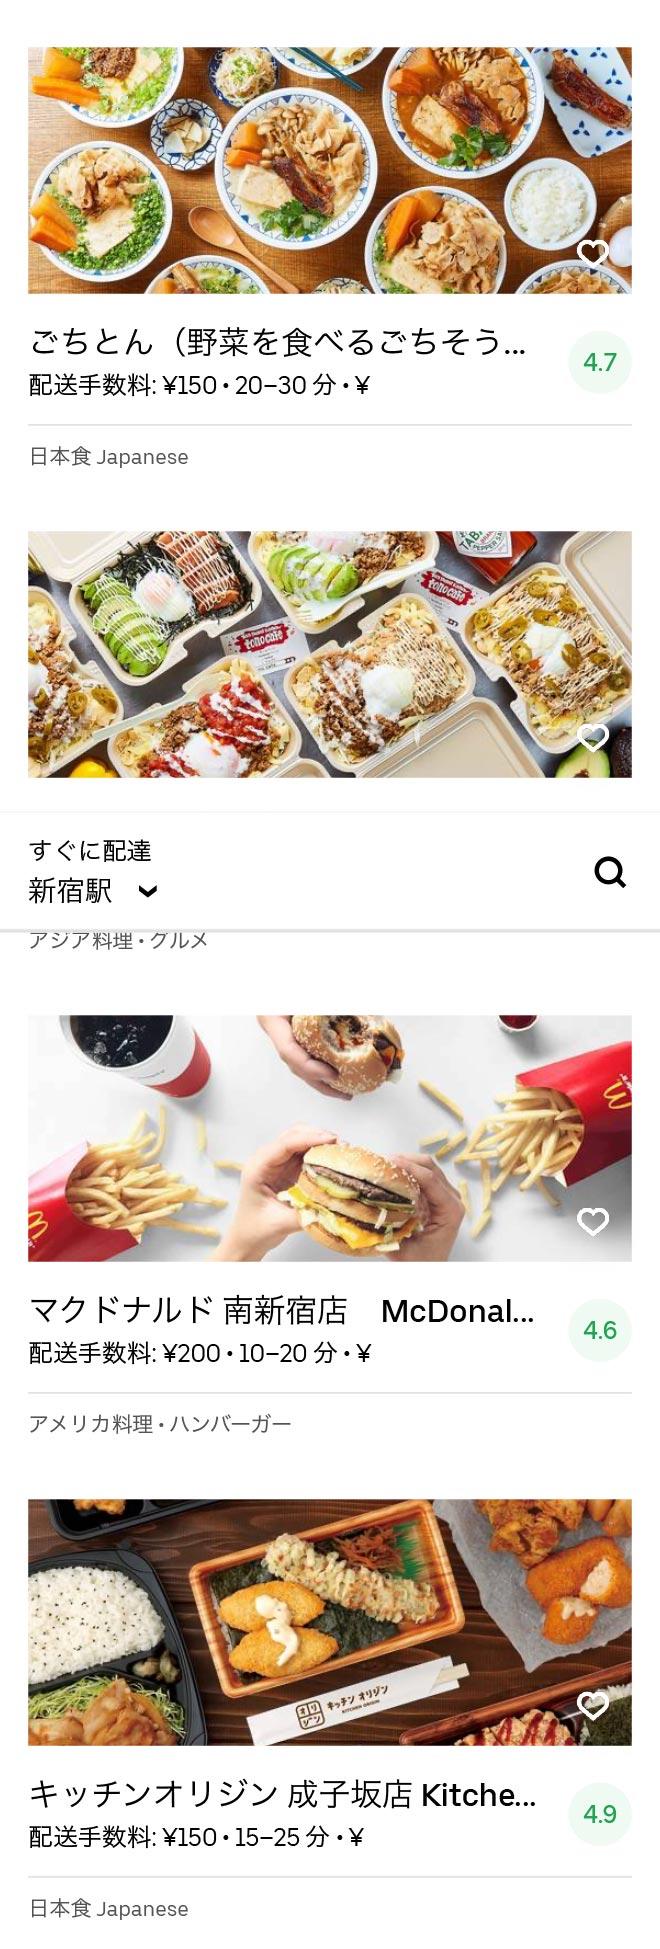 Tokyo shonjuku menu 2005 03